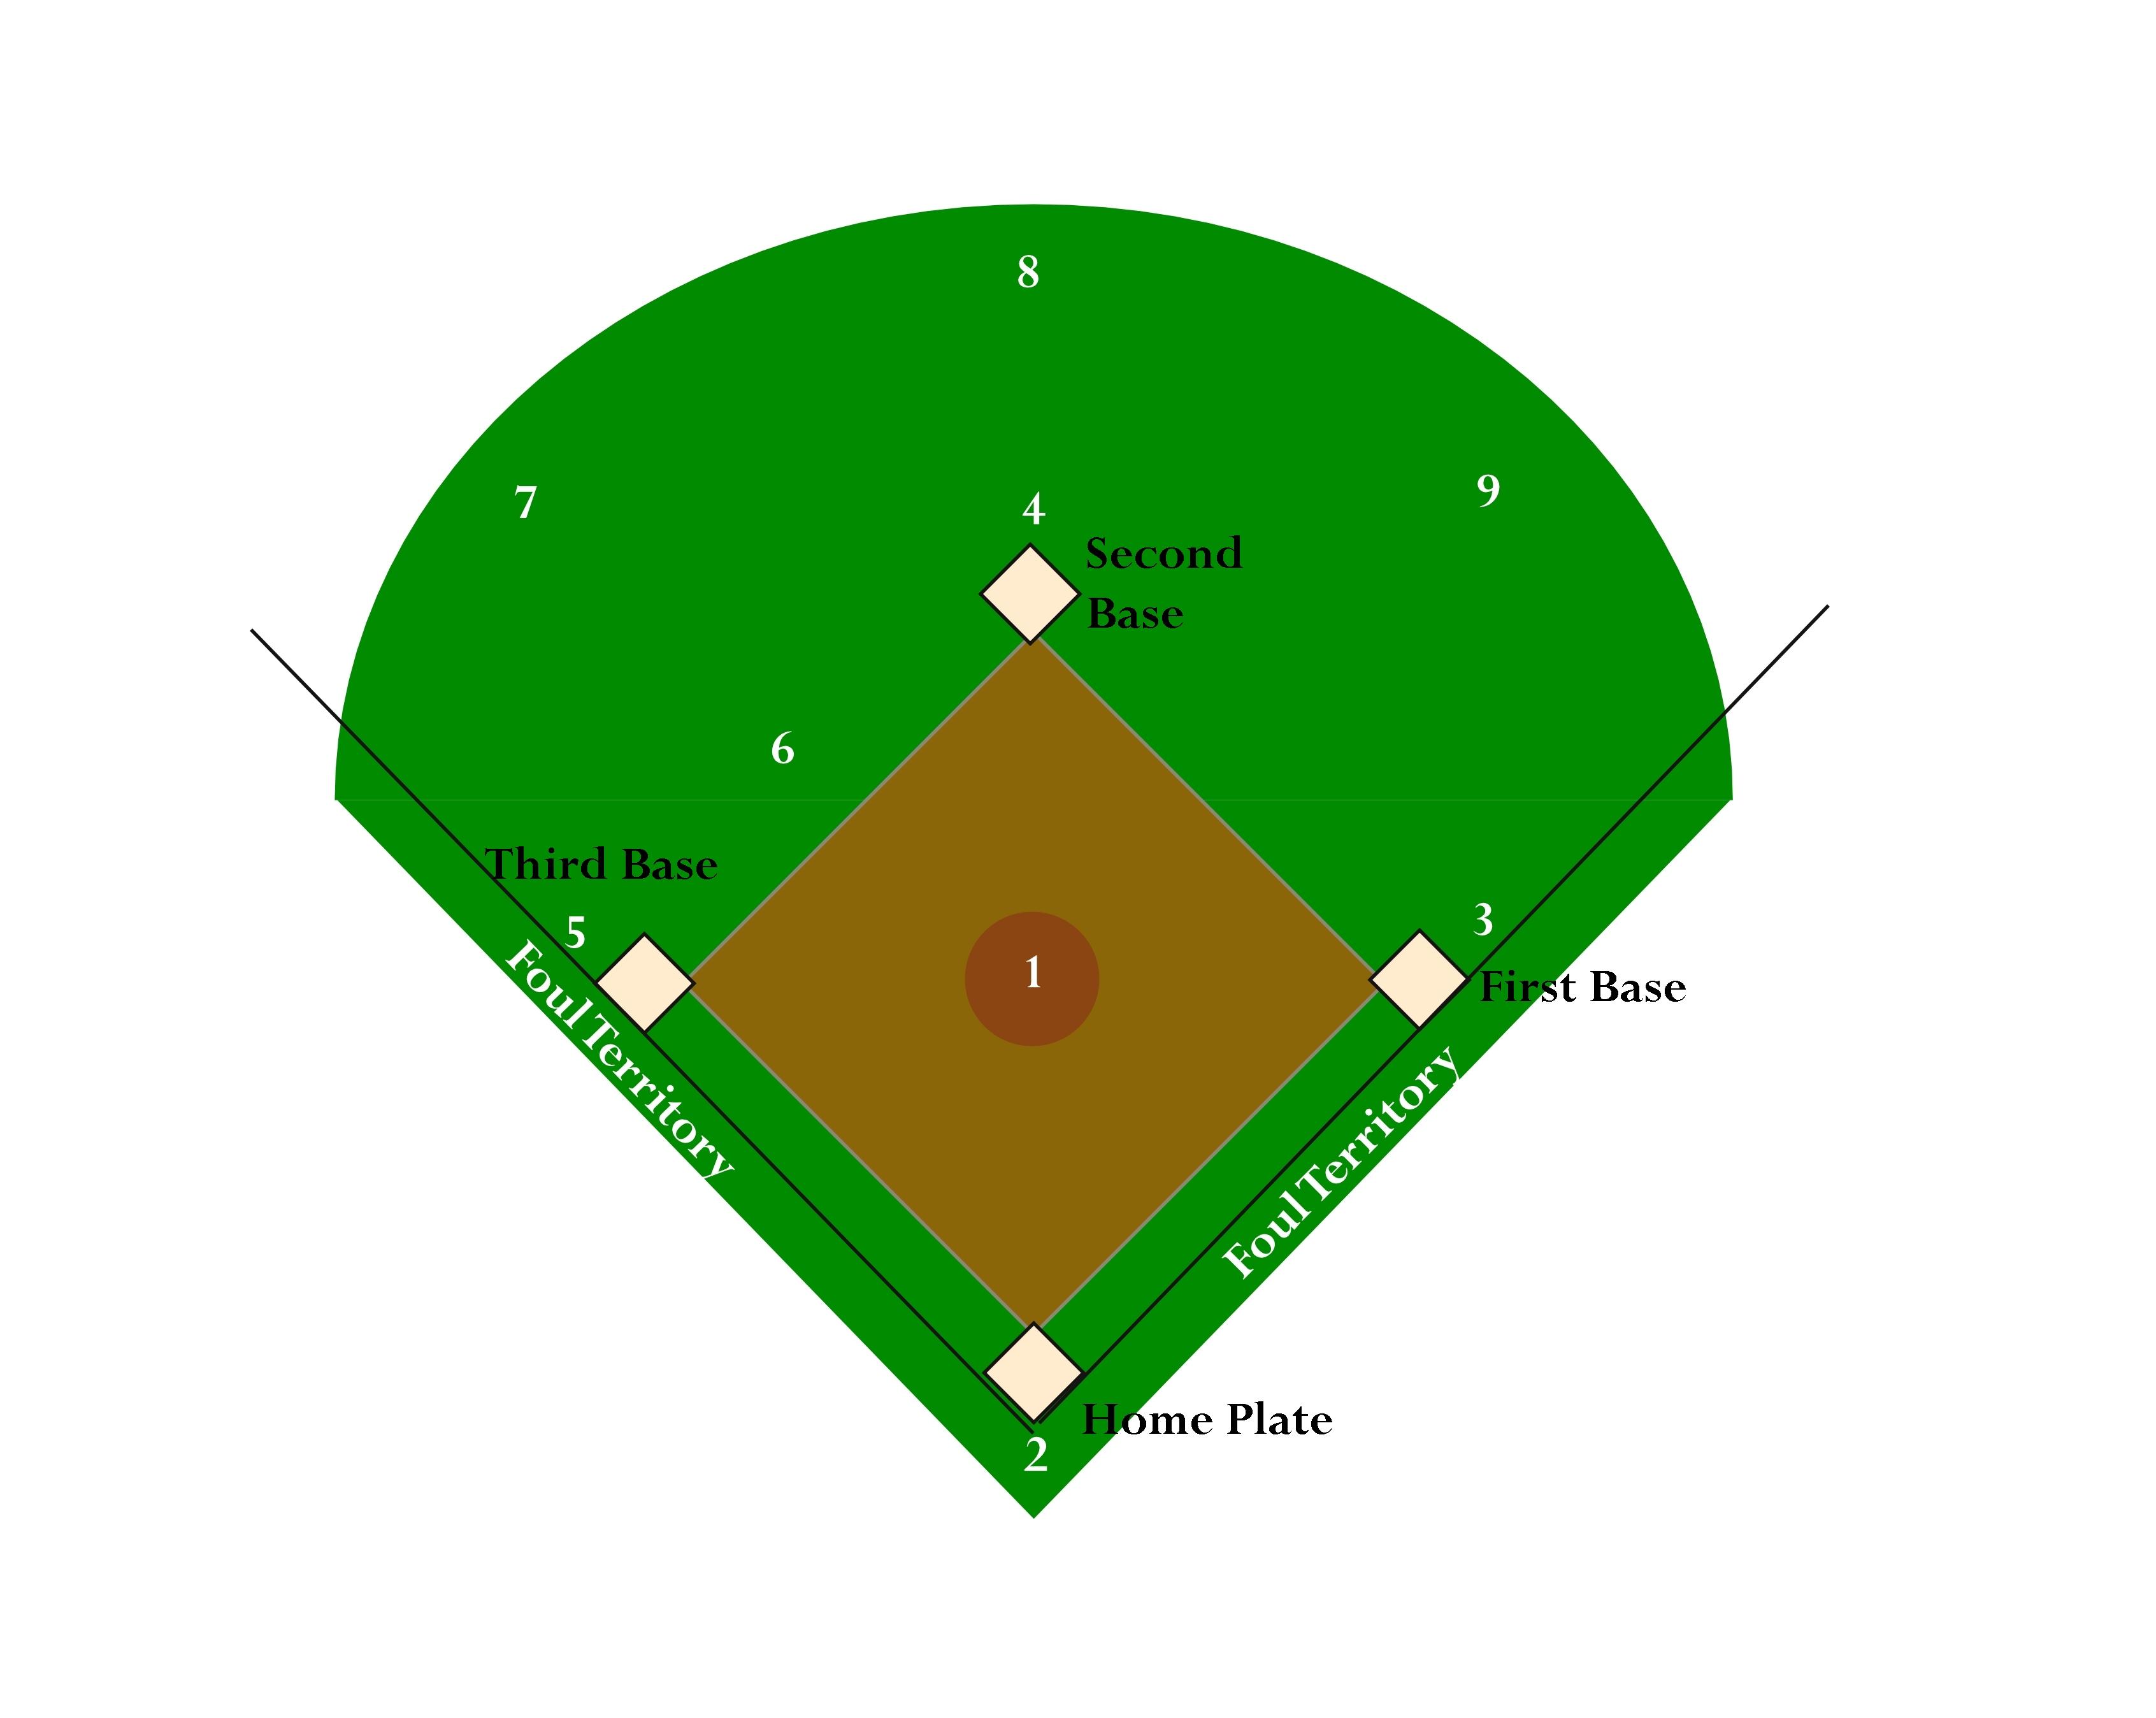 Baseball diamond images